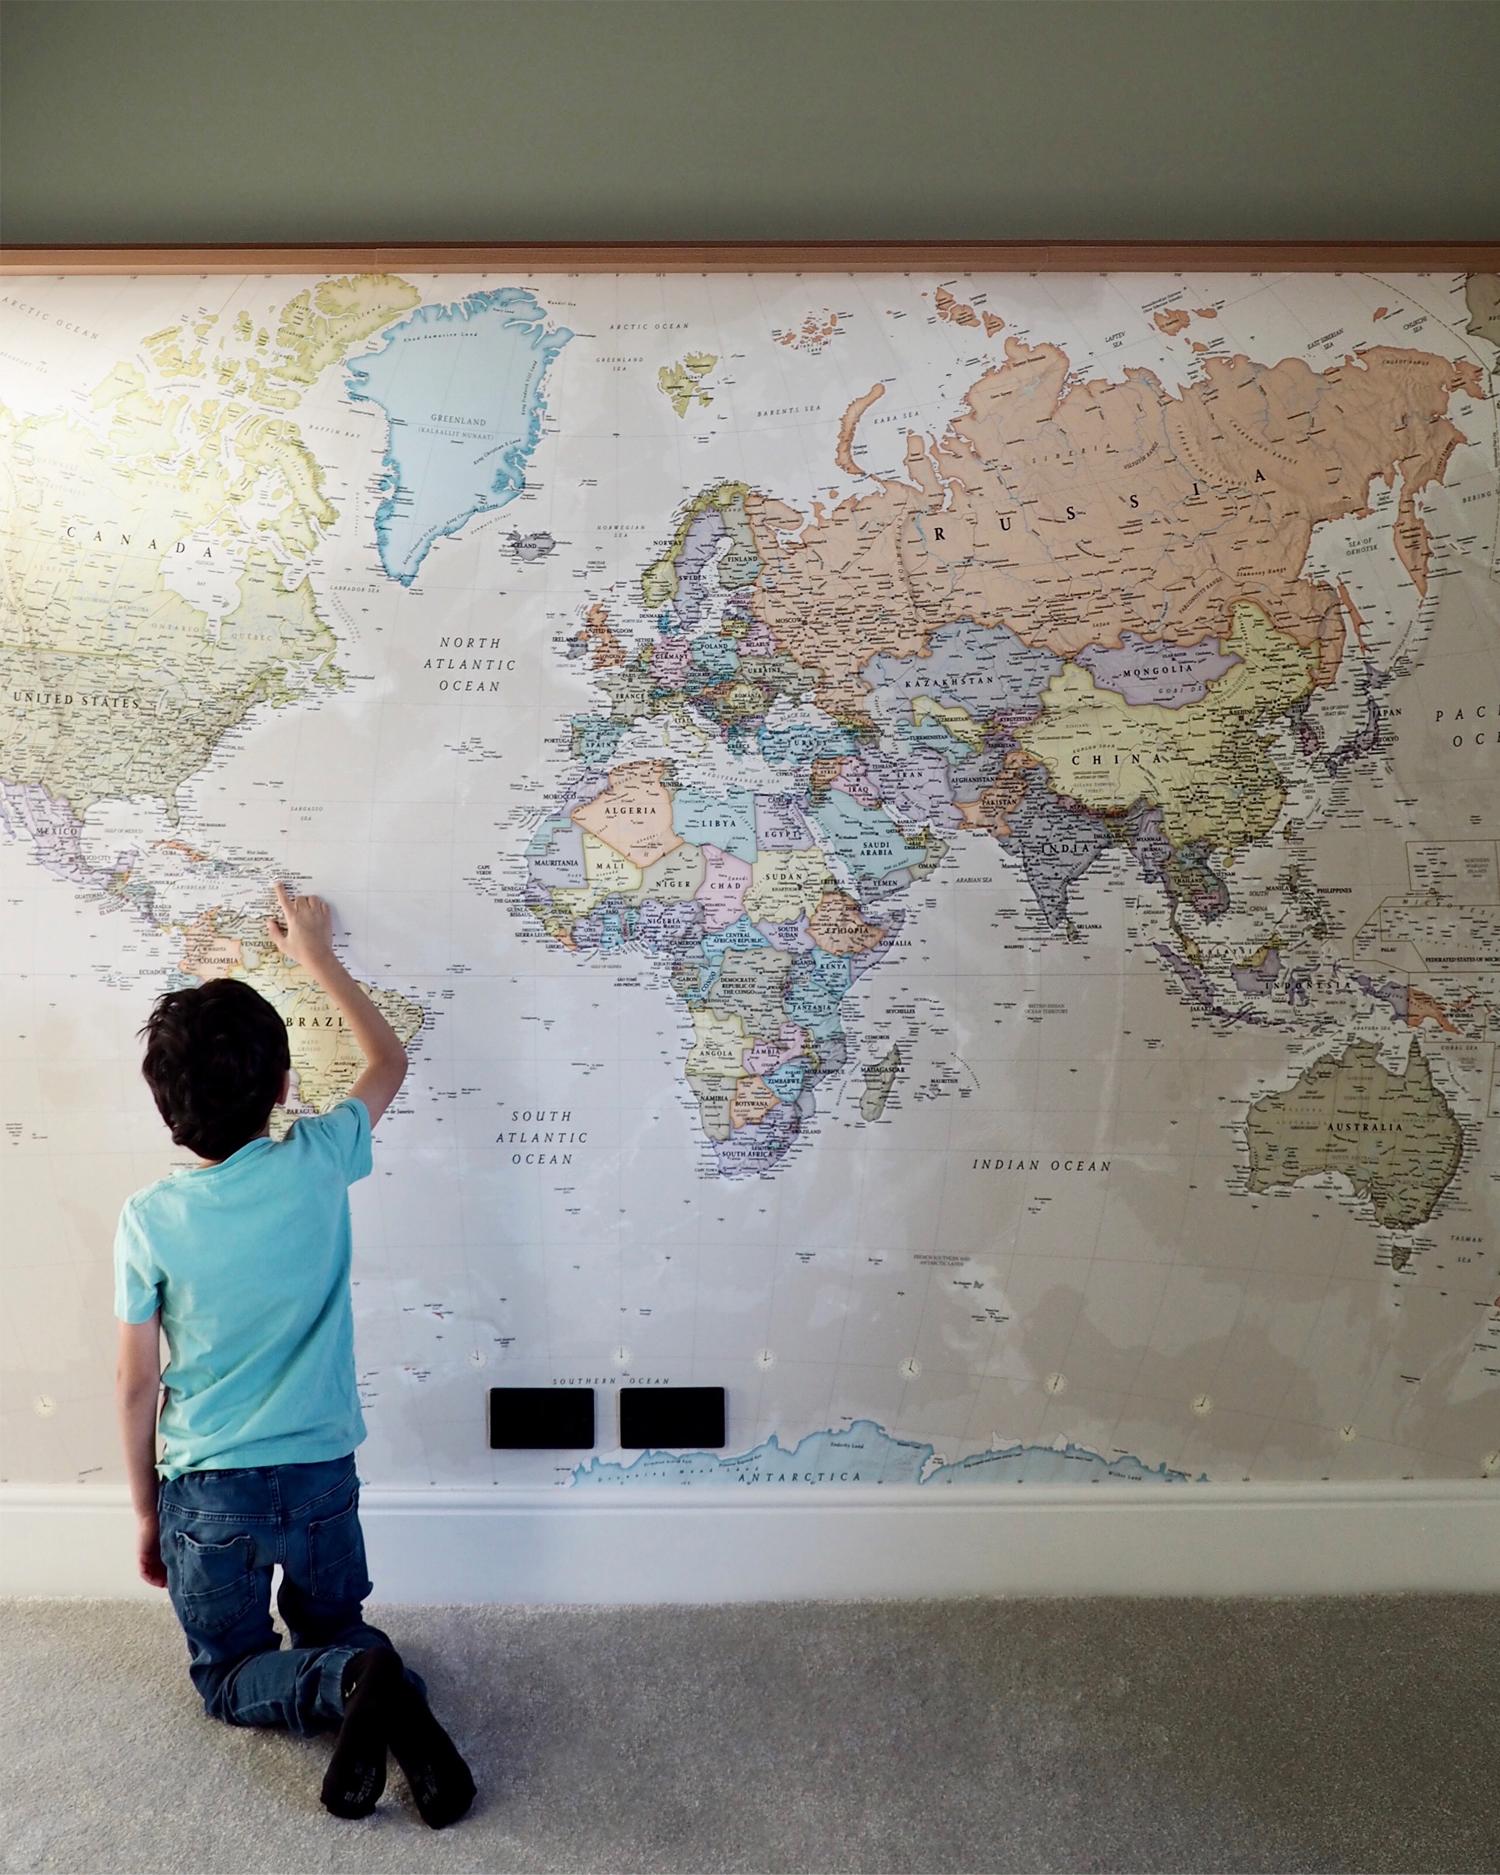 Classic World Map Wallpaper Mural from Wallsauce